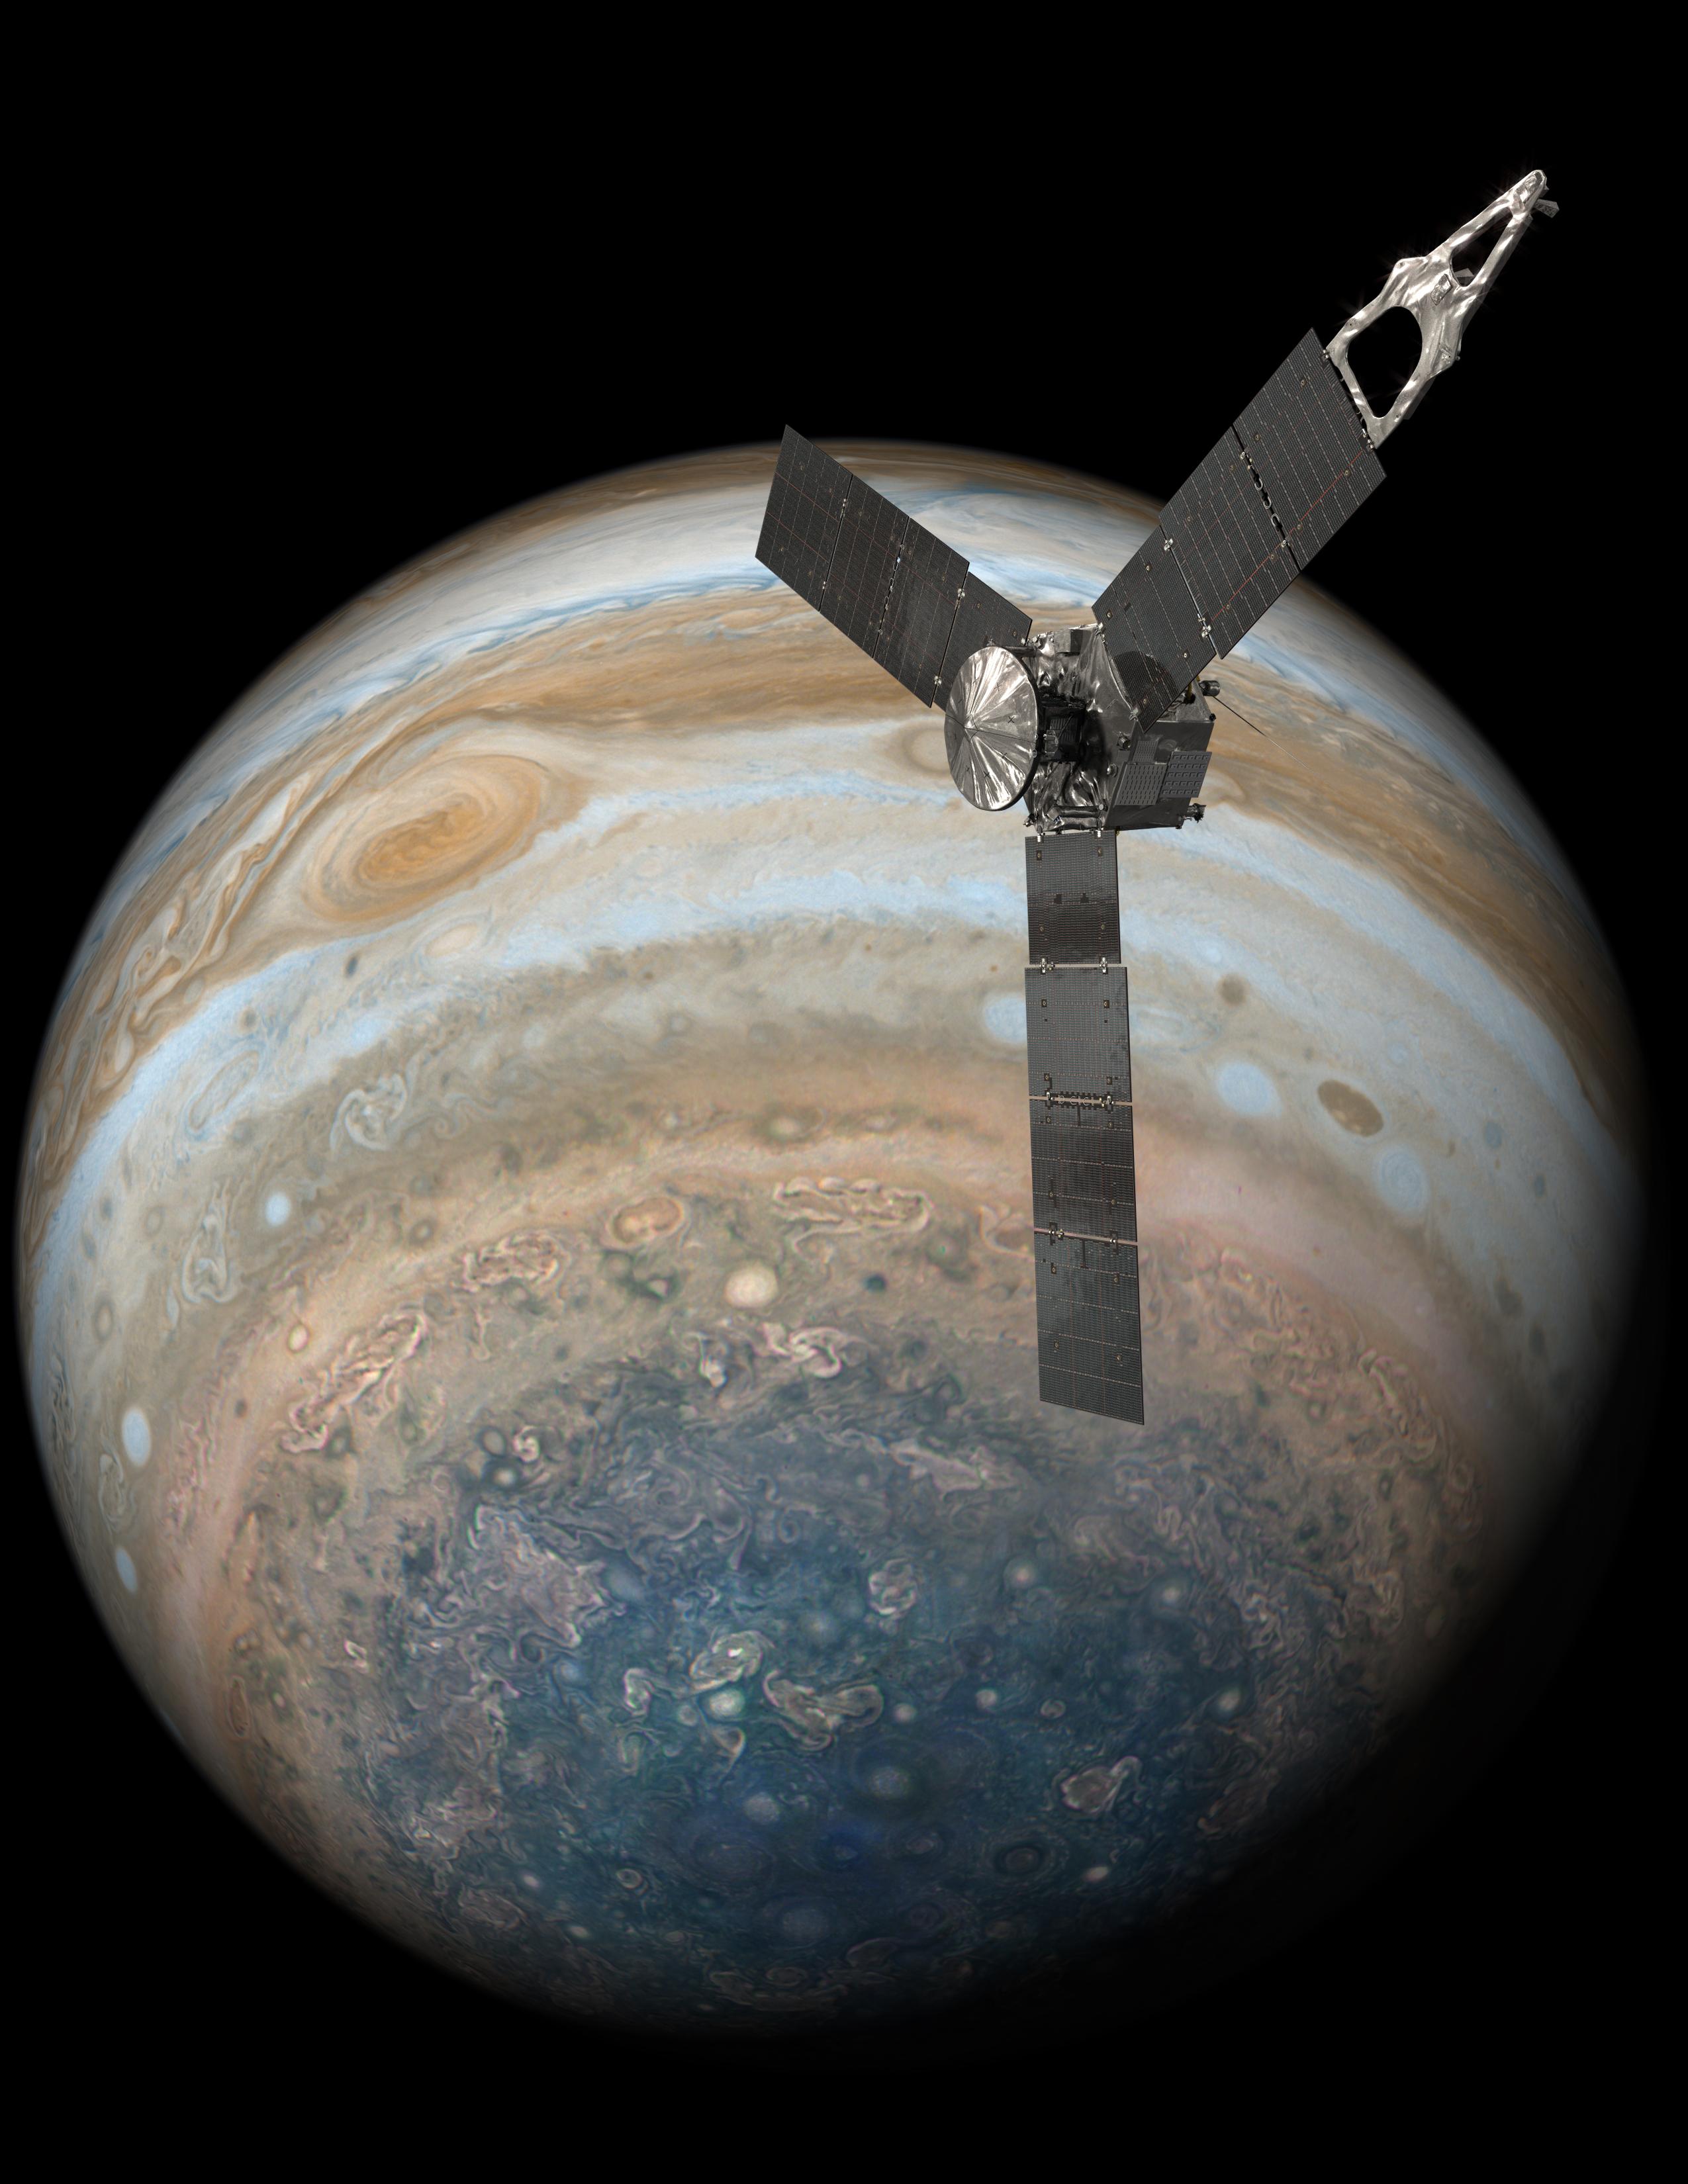 jupiter flyby mission - photo #37